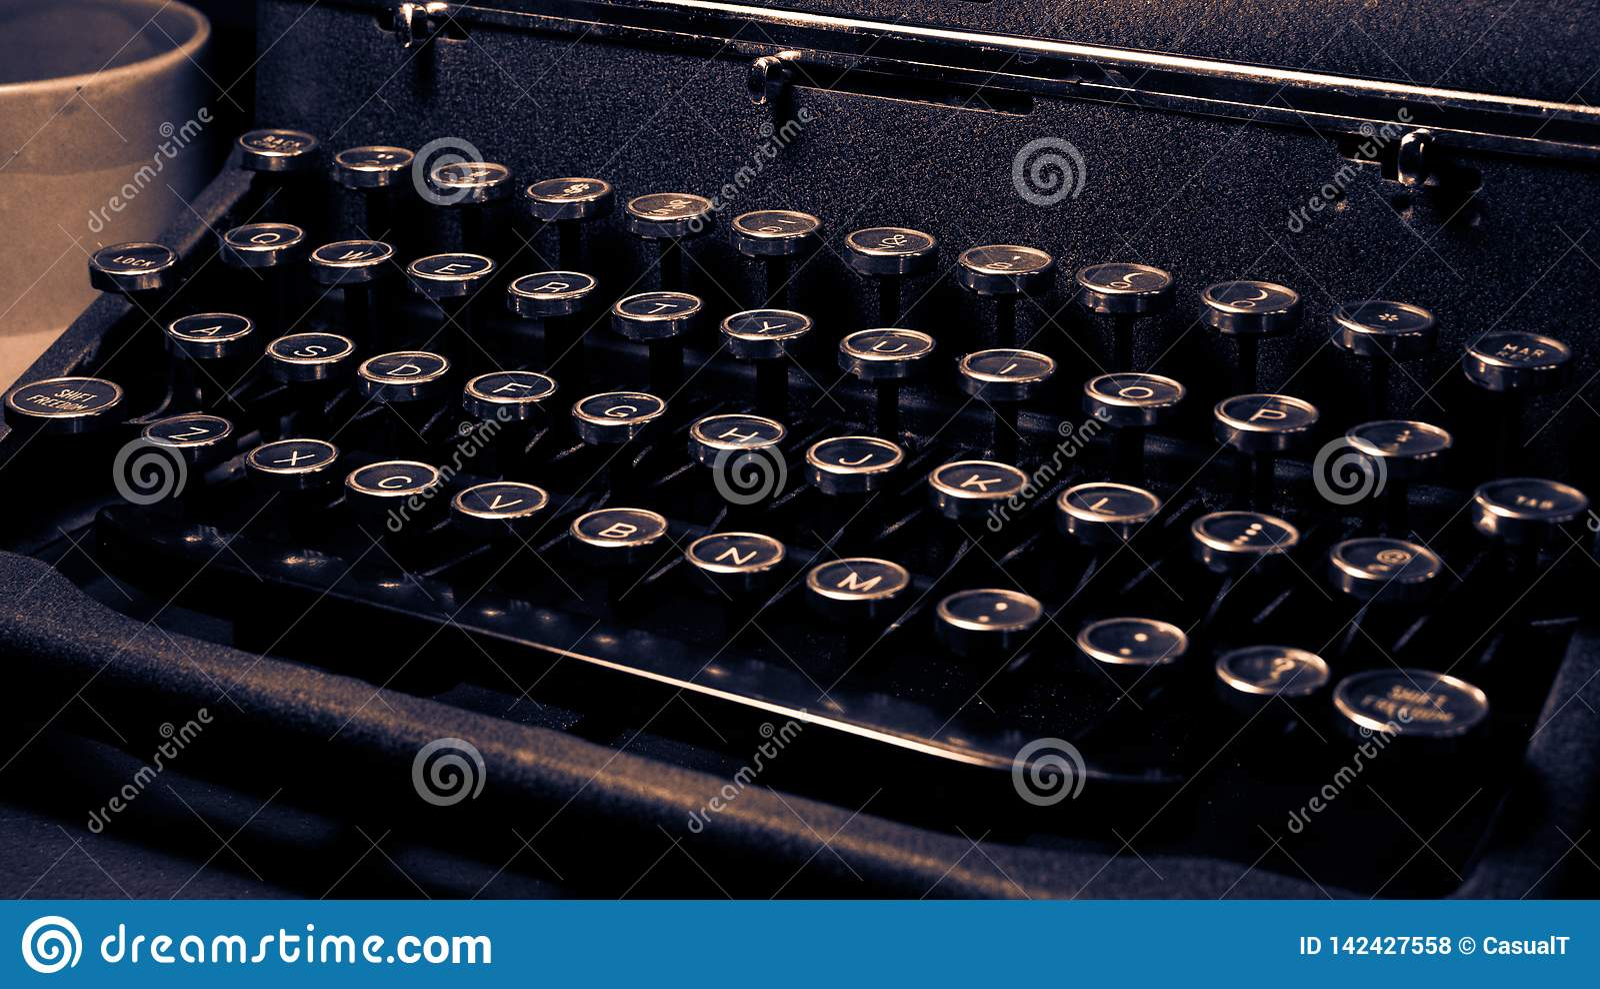 Antiguidade, máquina de escrever do vintage, de luxe quieto real, close-up do teclado